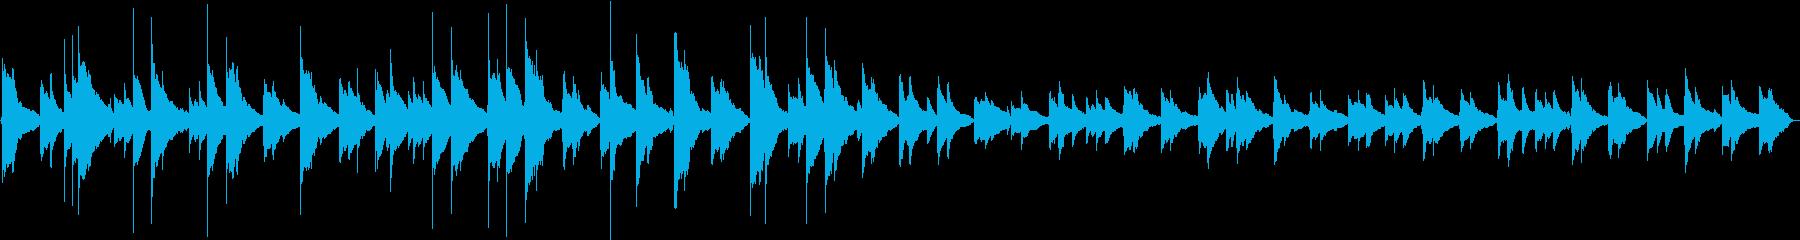 落ち着いたBGMの再生済みの波形